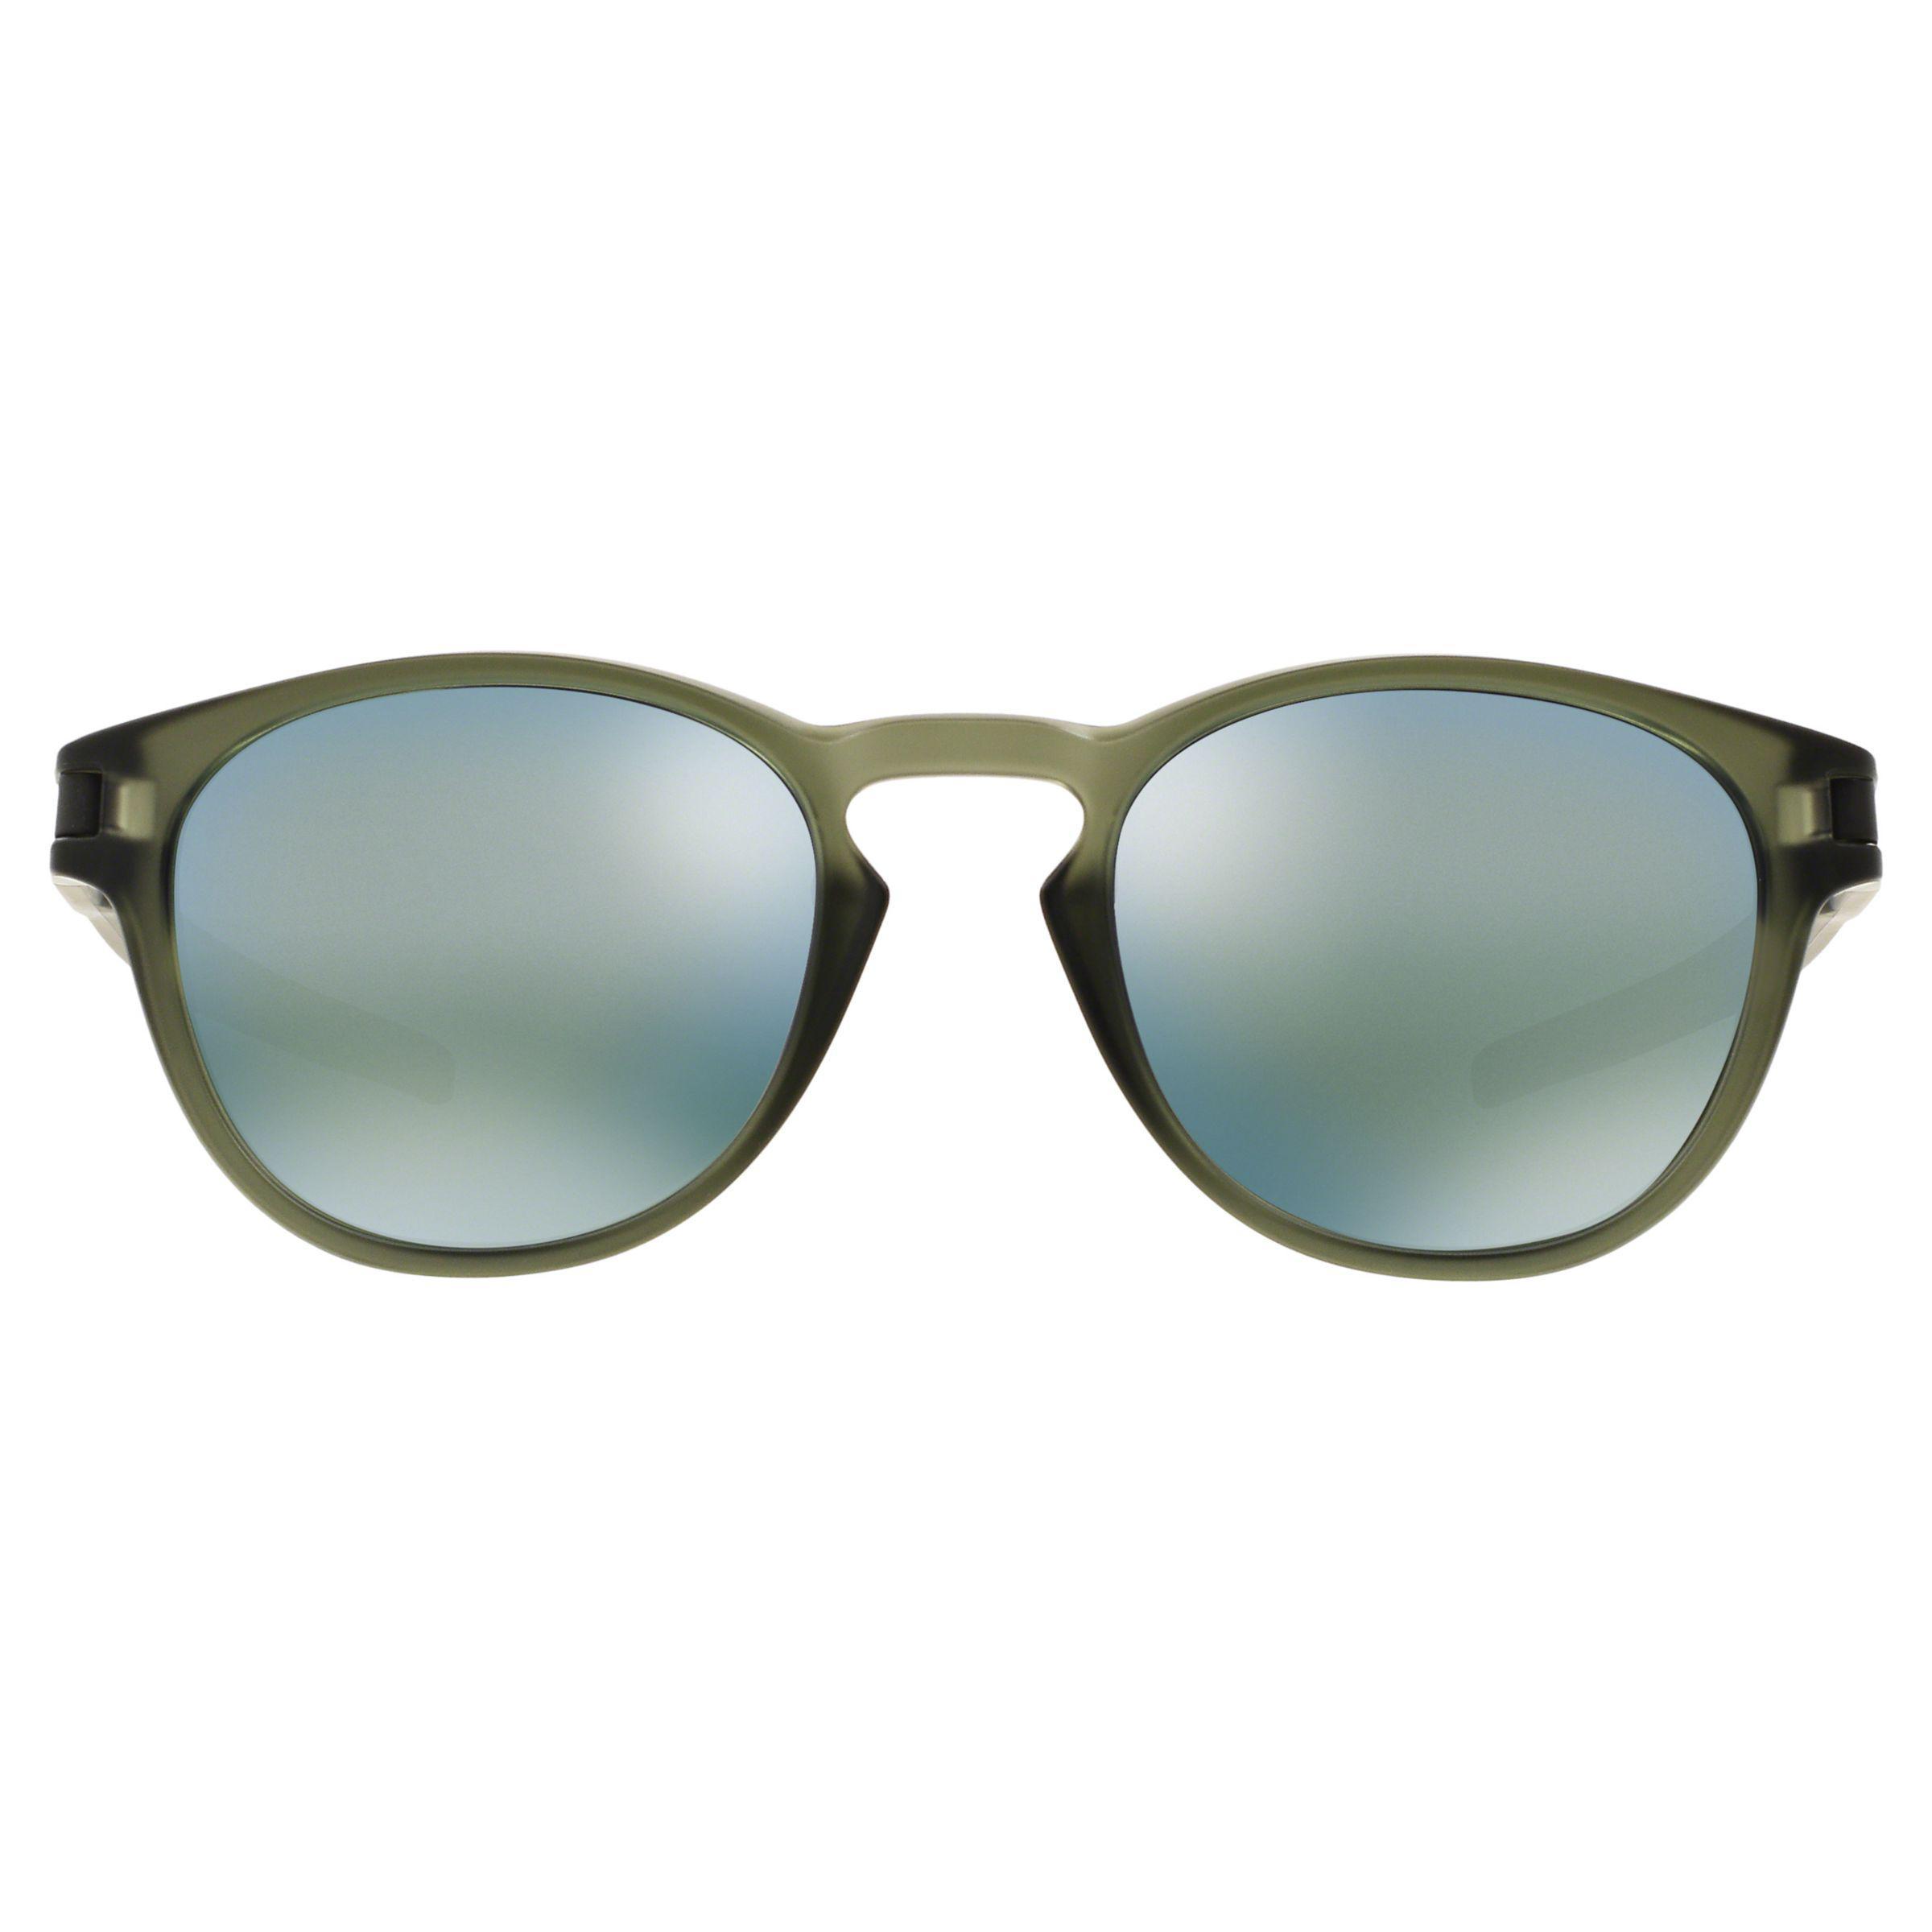 05b040ca676 Oakley Oo9265 Men s Latch Round Sunglasses in Green for Men - Lyst